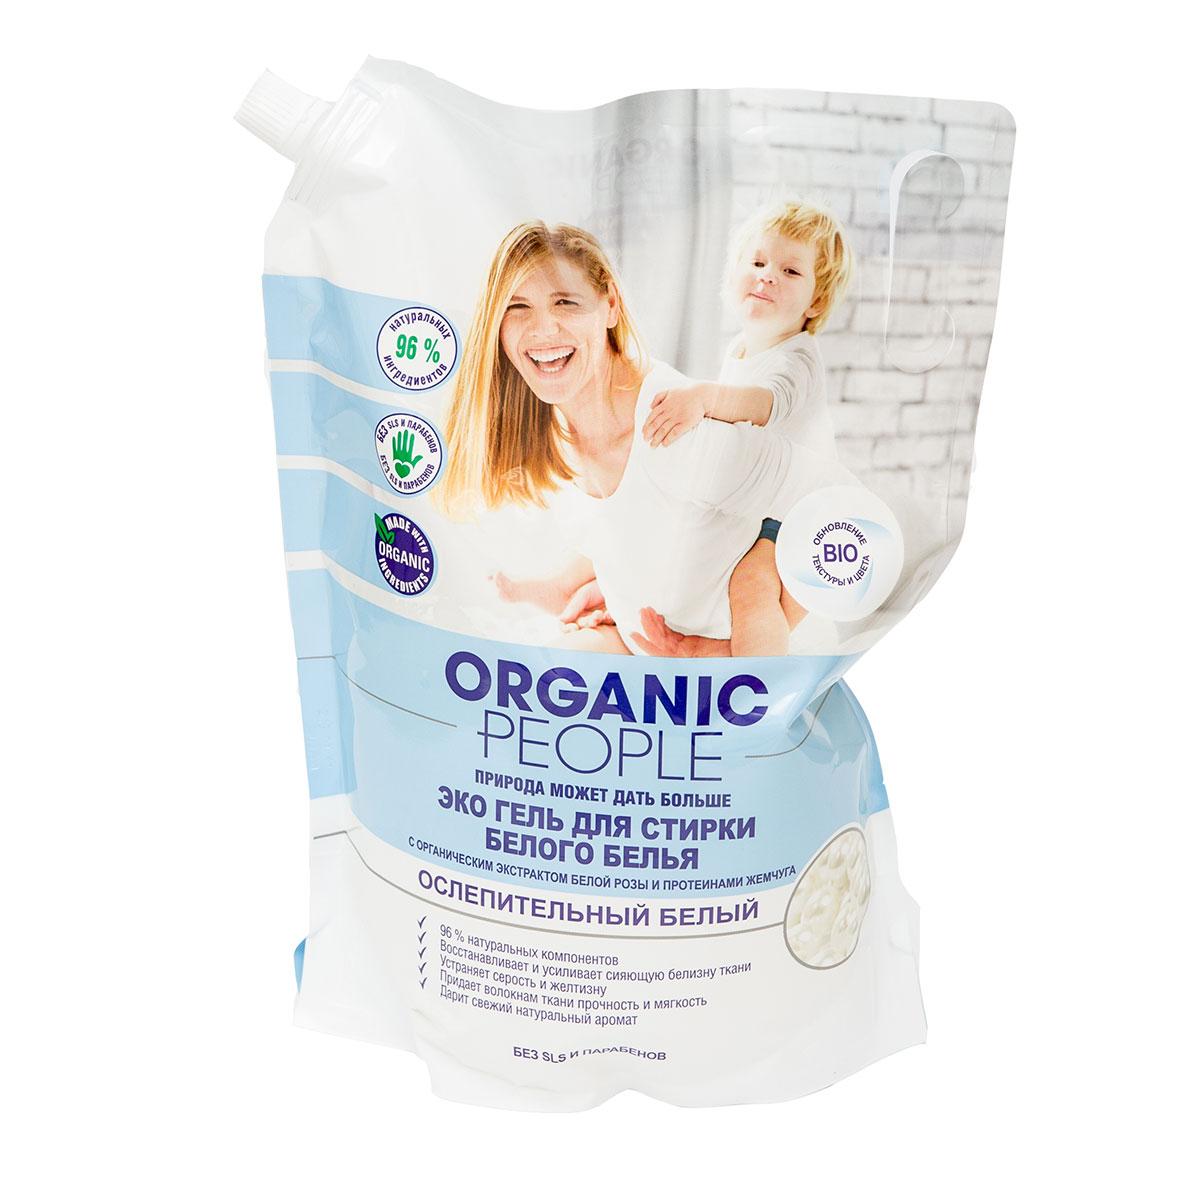 Эко гель для стирки белого белья Organic People, 2 л гель для стирки белого белья эко ослепительно белый organic people 2 л